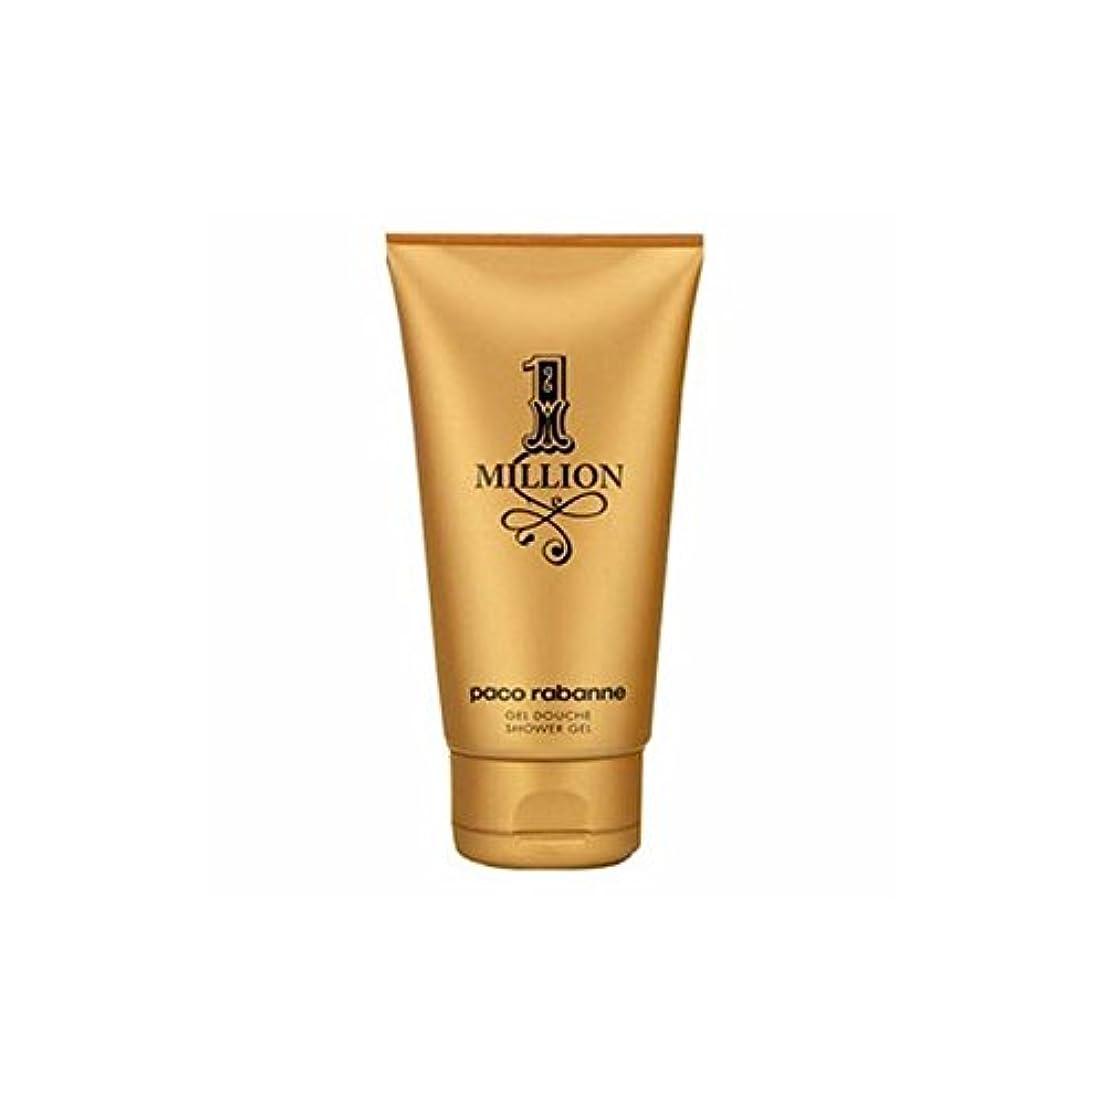 小屋オゾンデータ[Paco Rabanne ] 男性のためのパコ?ラバンヌの100万シャワージェル - 150ミリリットル - Paco Rabanne 1 Million Shower gel for Men - 150ml [並行輸入品]